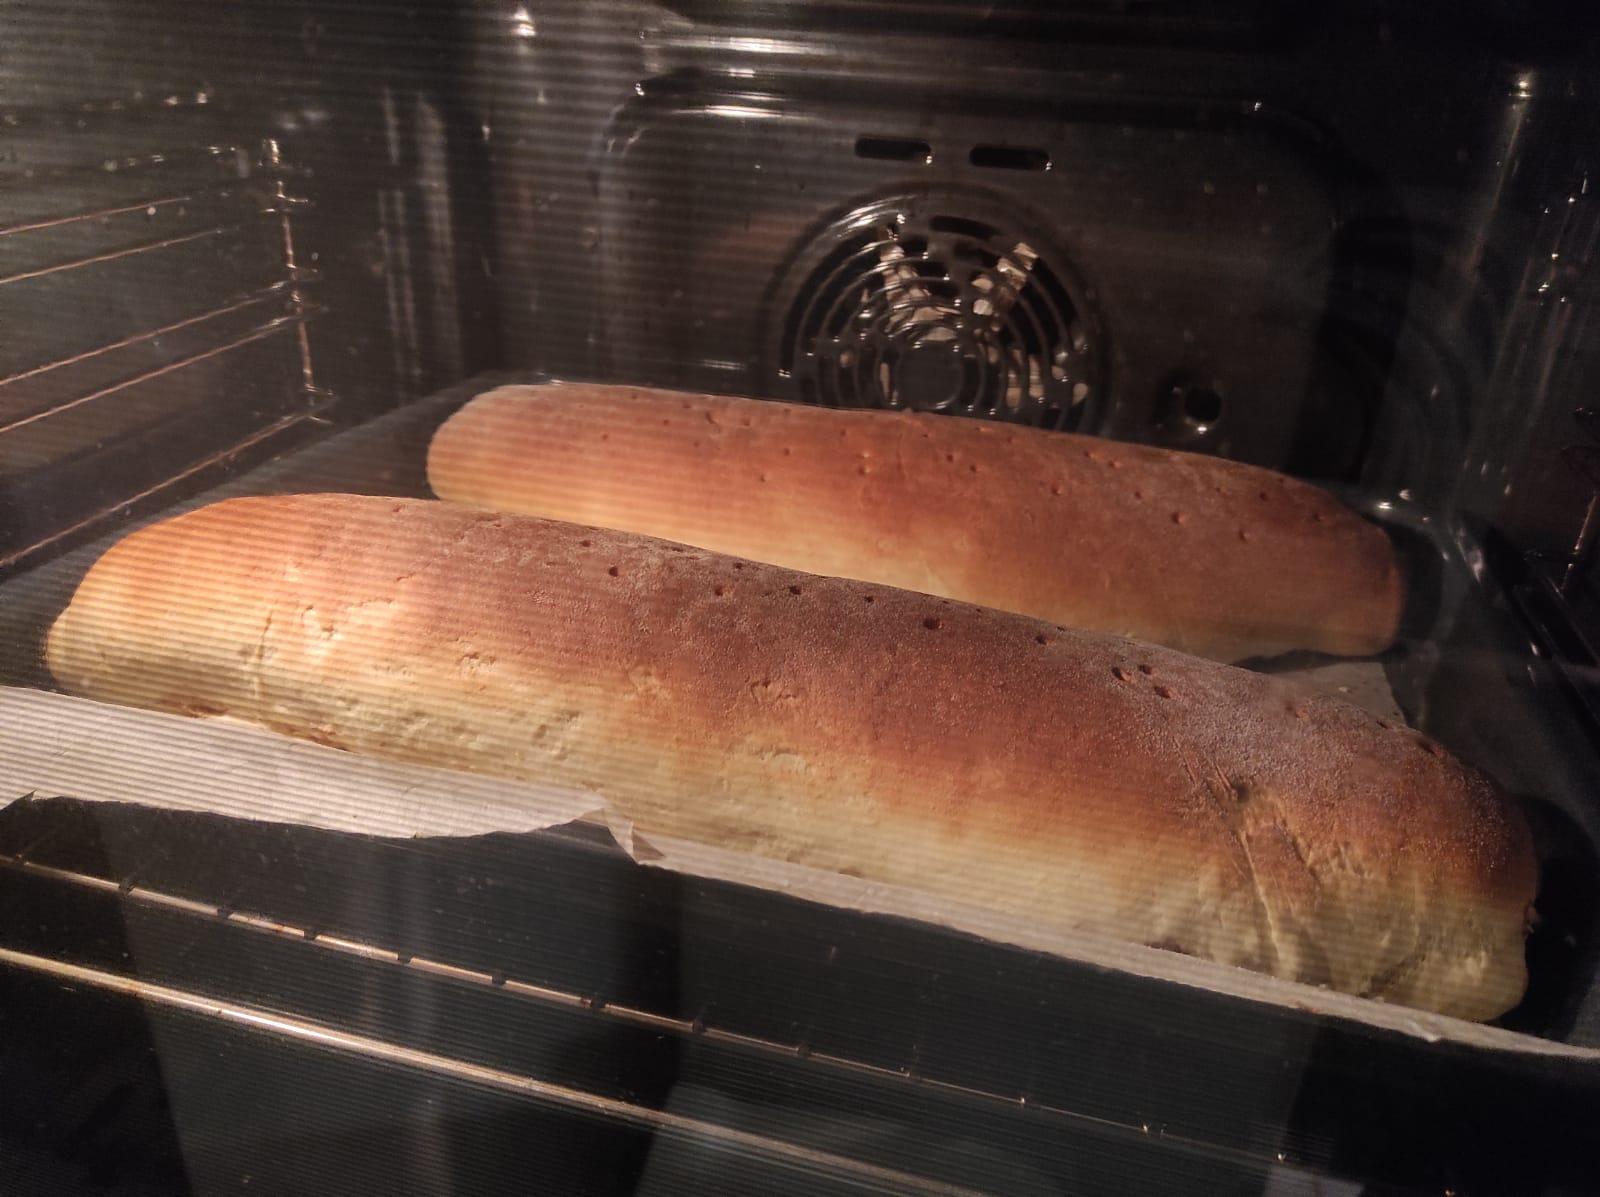 Orahnjaca in the oven